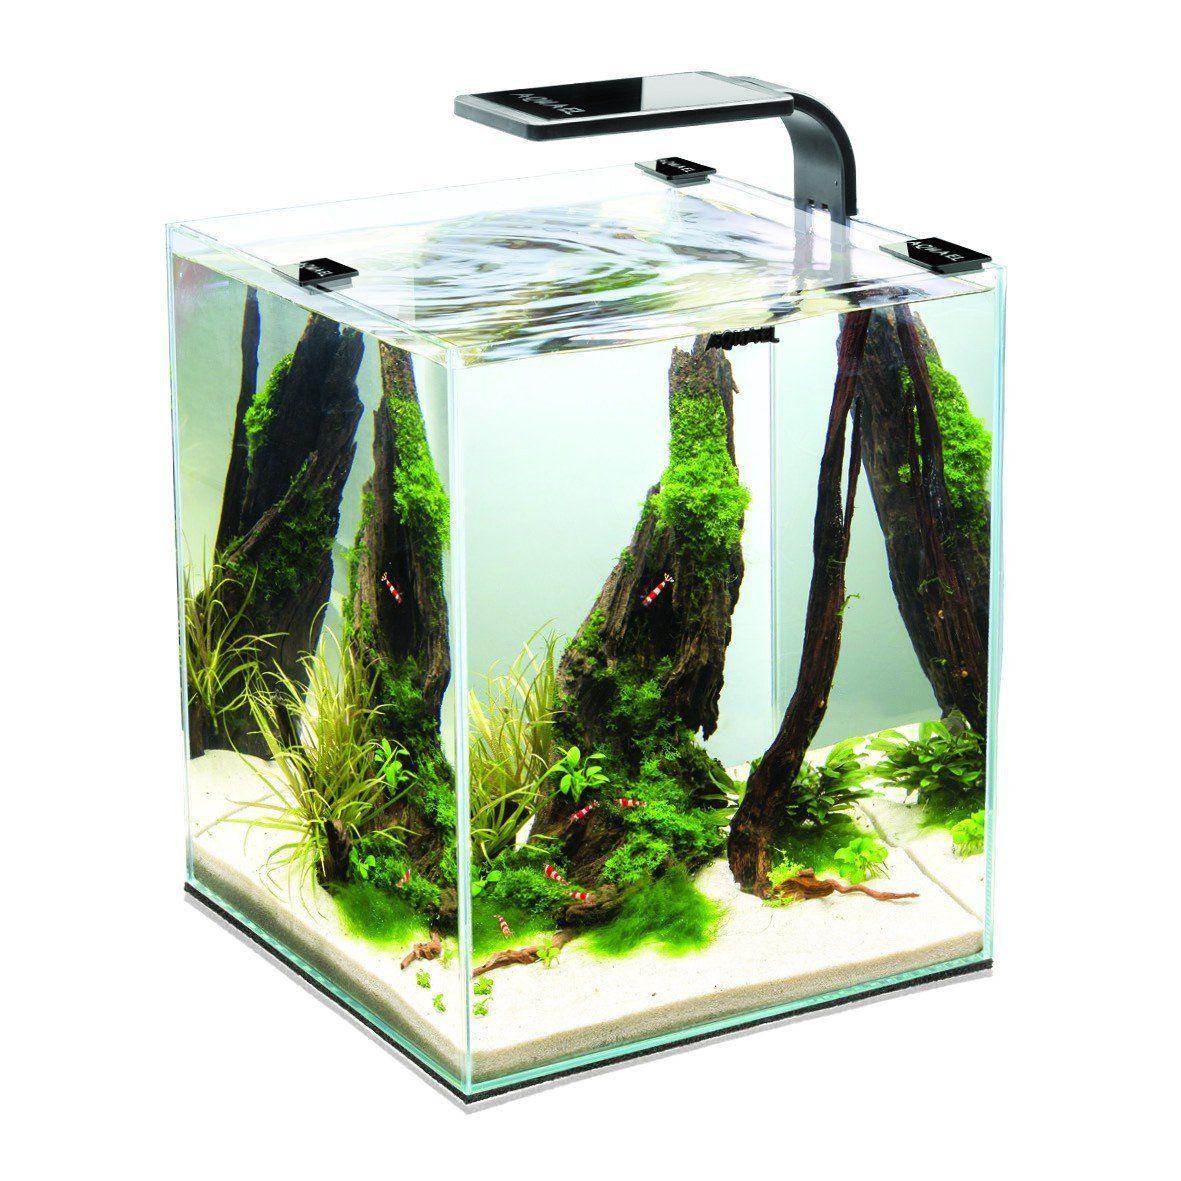 Aquael 5905546191425 Aquarium Shrimp Set Smart Led Komplett Set Mit Morderner Led Beleuchtung Amazon De Hau Nano Aquarium Aquael Aquarium Kleines Aquarium